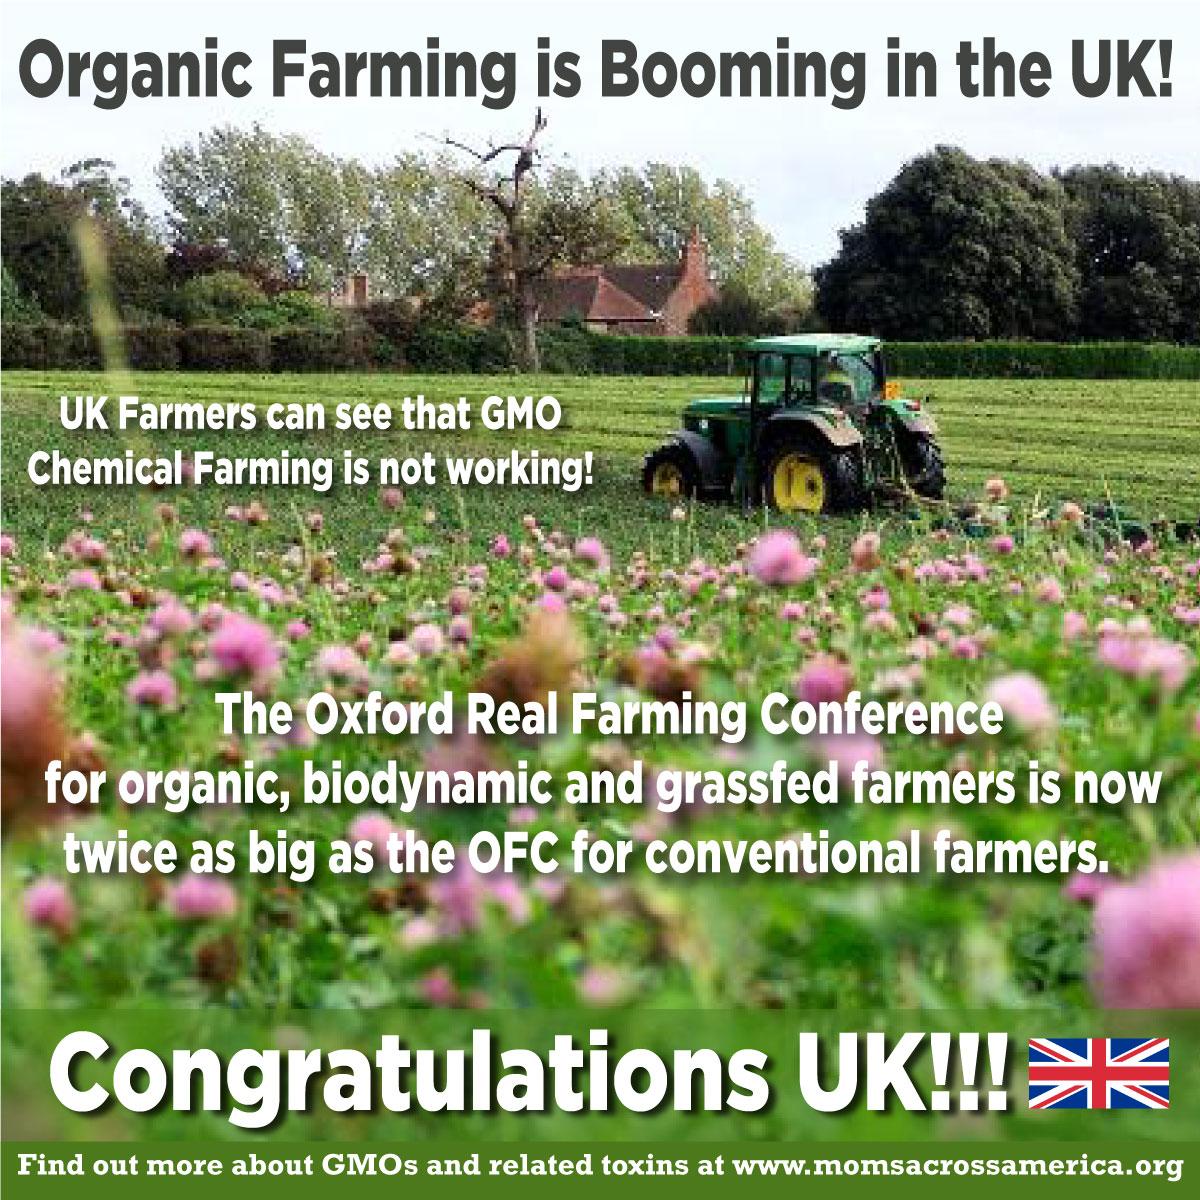 FarmingUK_(1).jpg